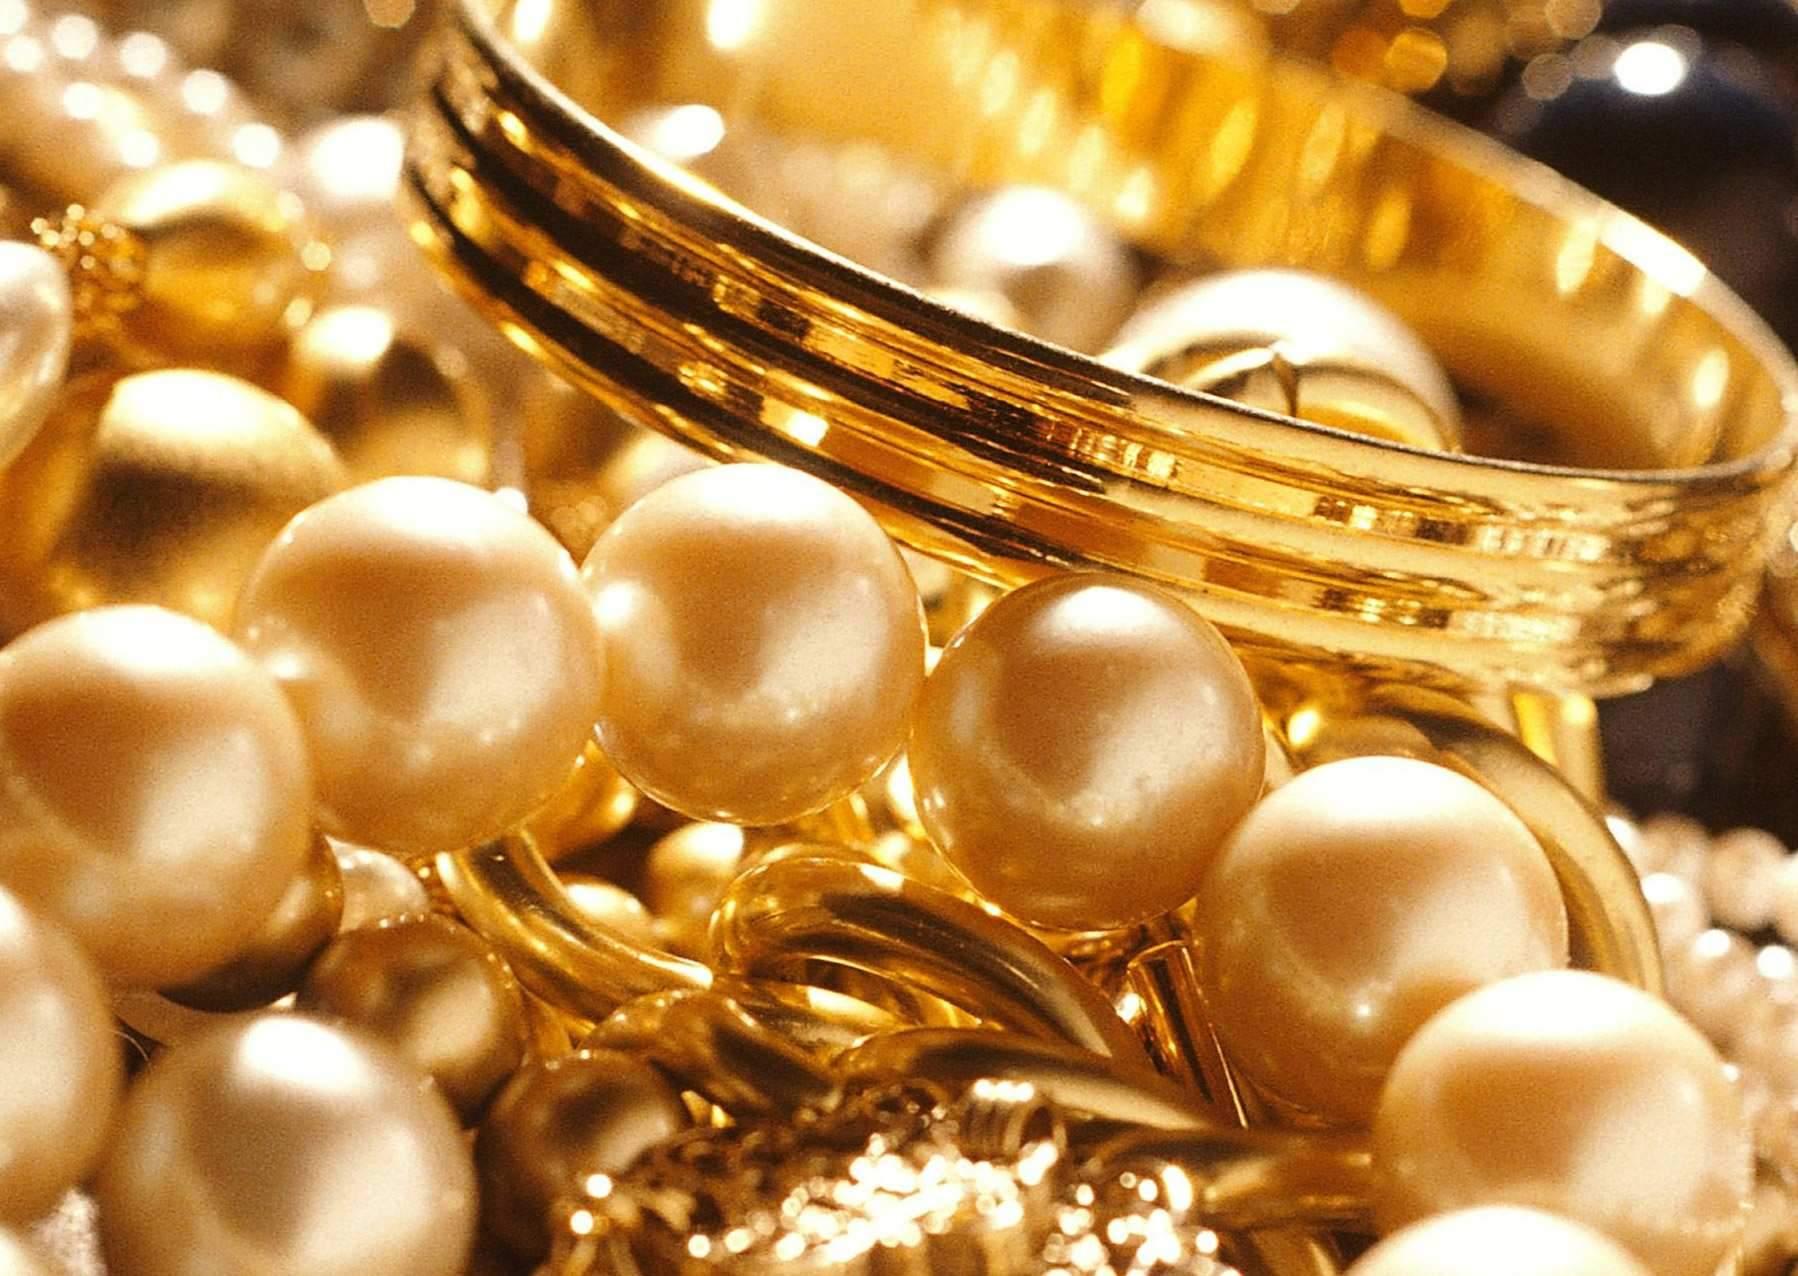 انباشت ۲۱۵ تن طلا در خانهها